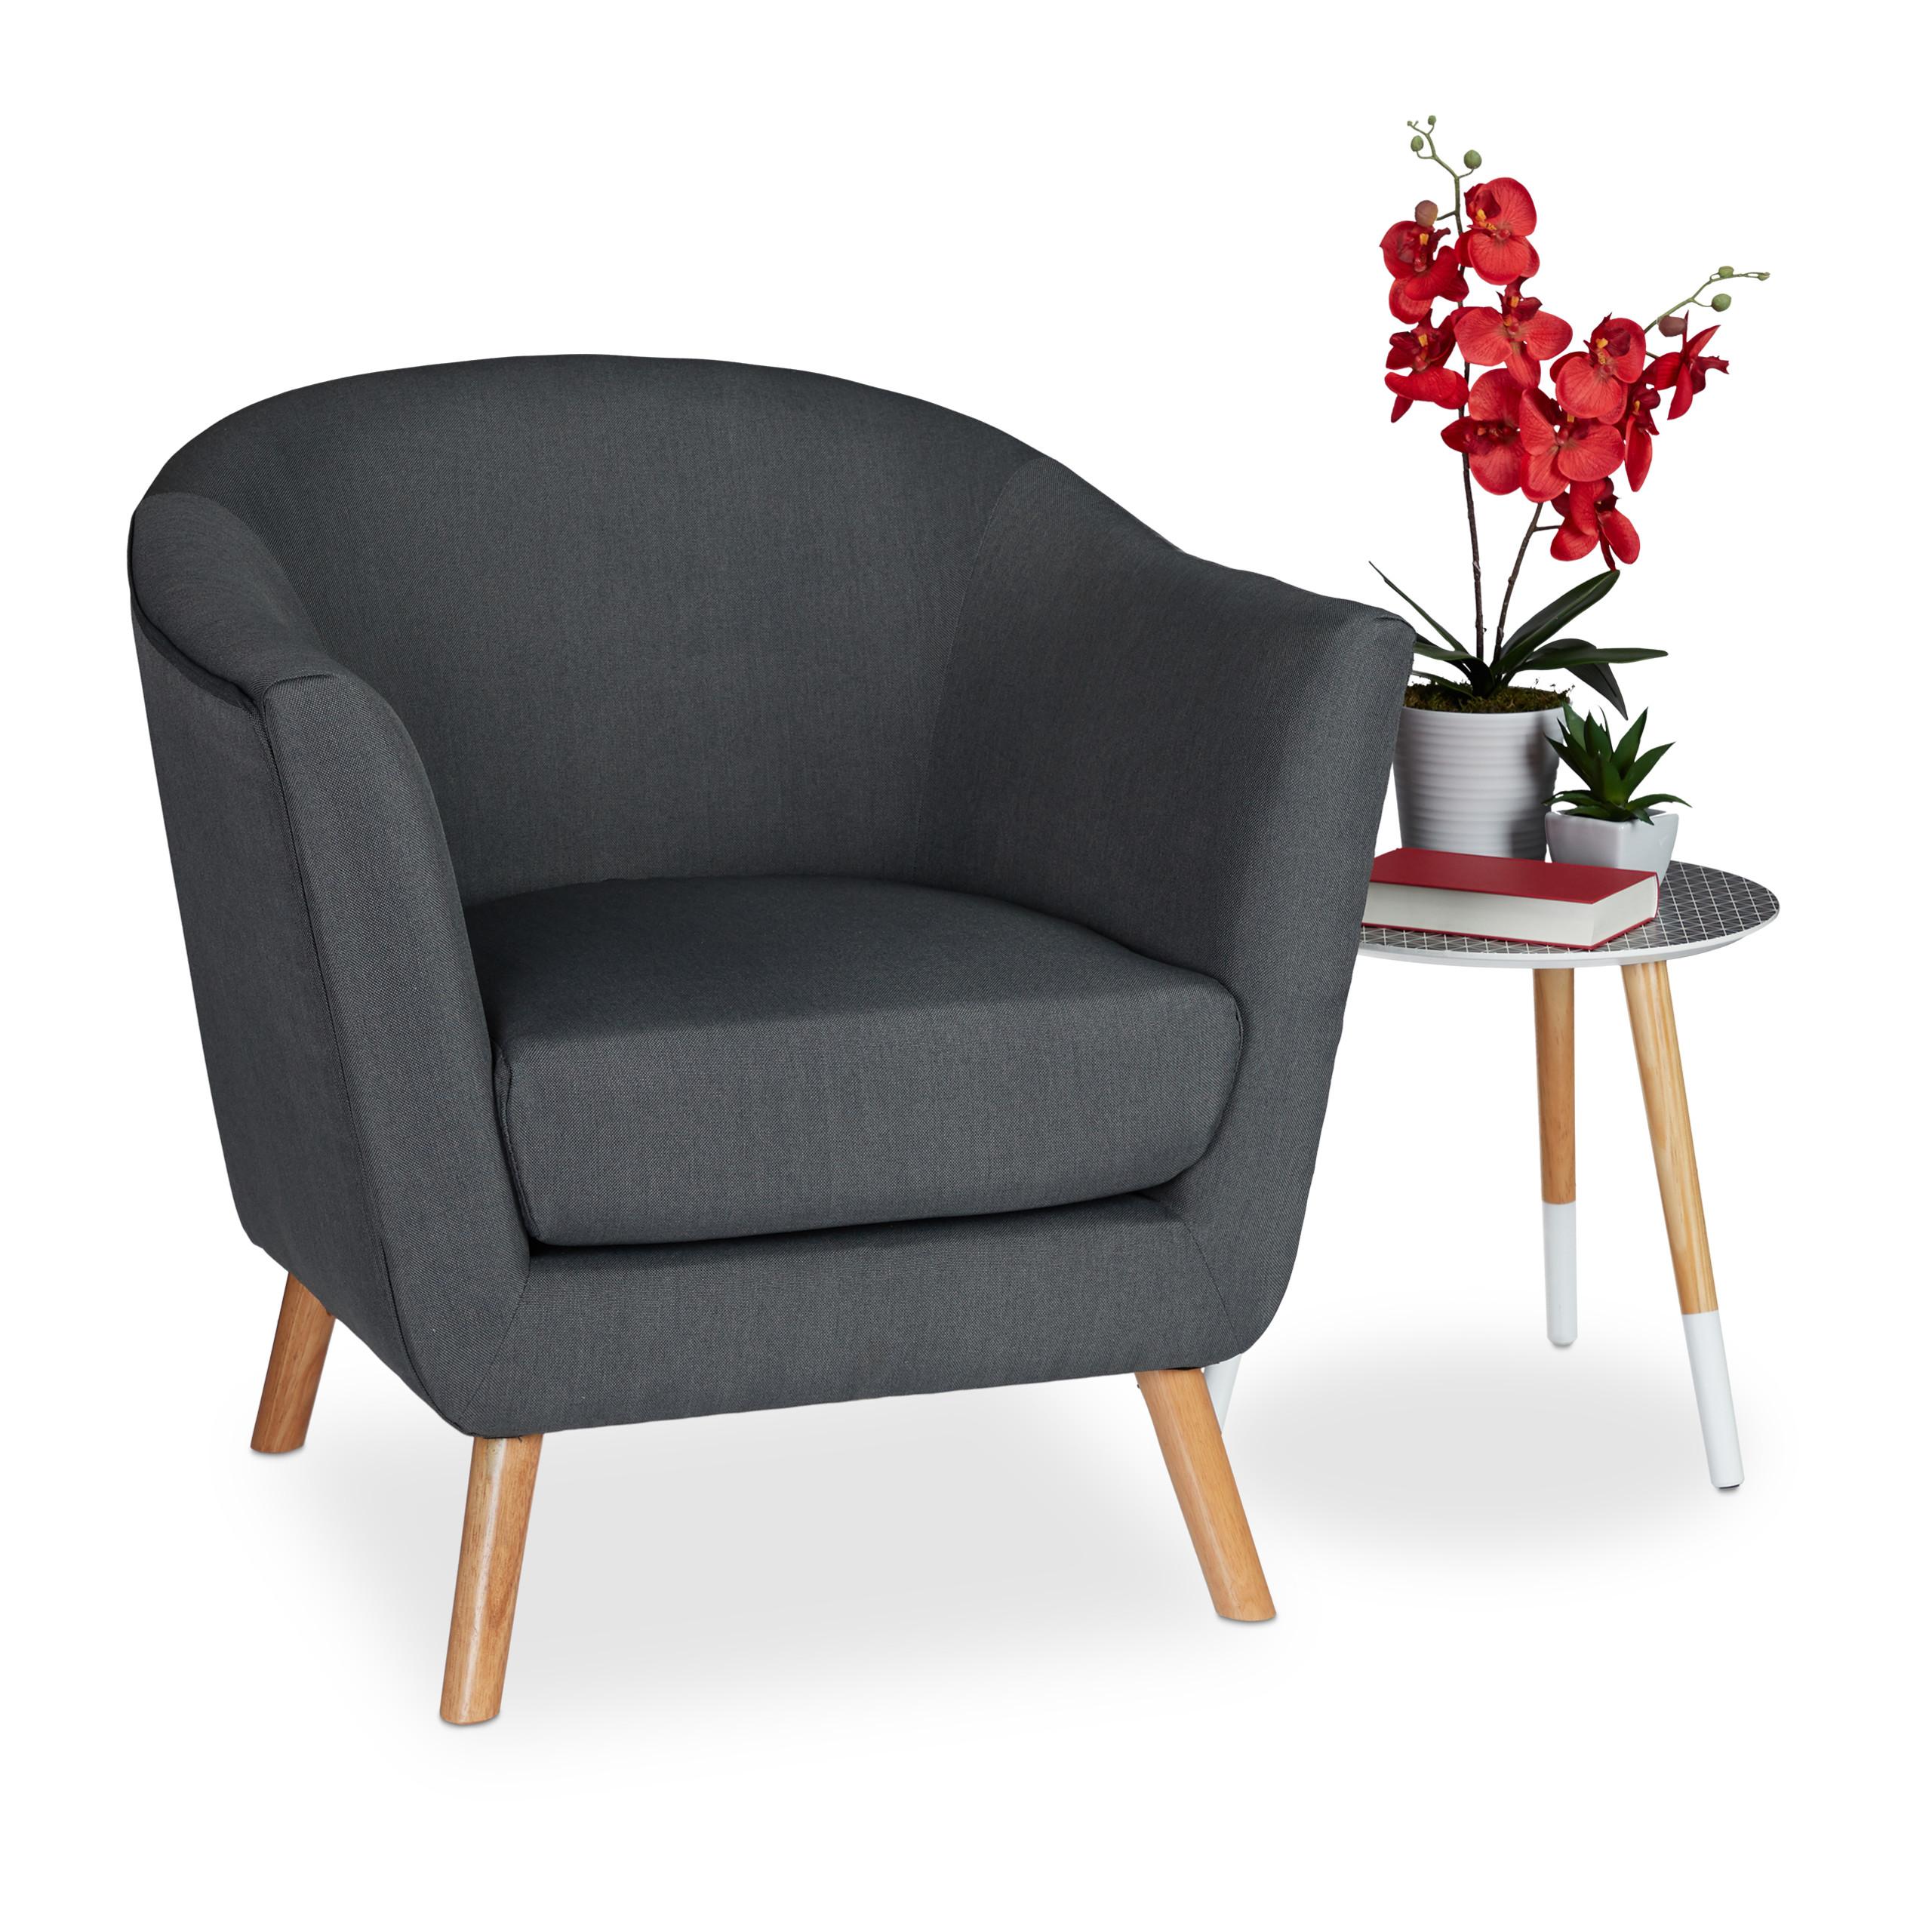 Détails sur Fauteuil Retro, années 50, Chaise salon vintage Lounge Club  accoudoirs gris